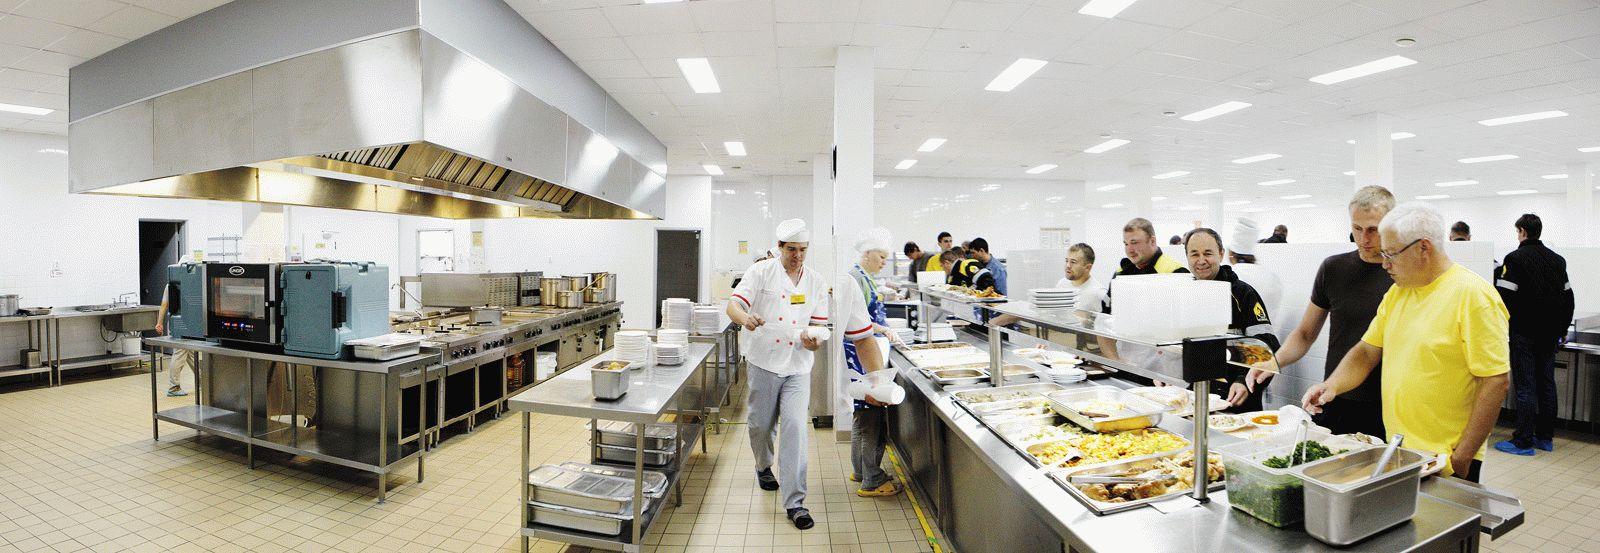 ротекс-с красноярск официальный сайт вакансии вахта